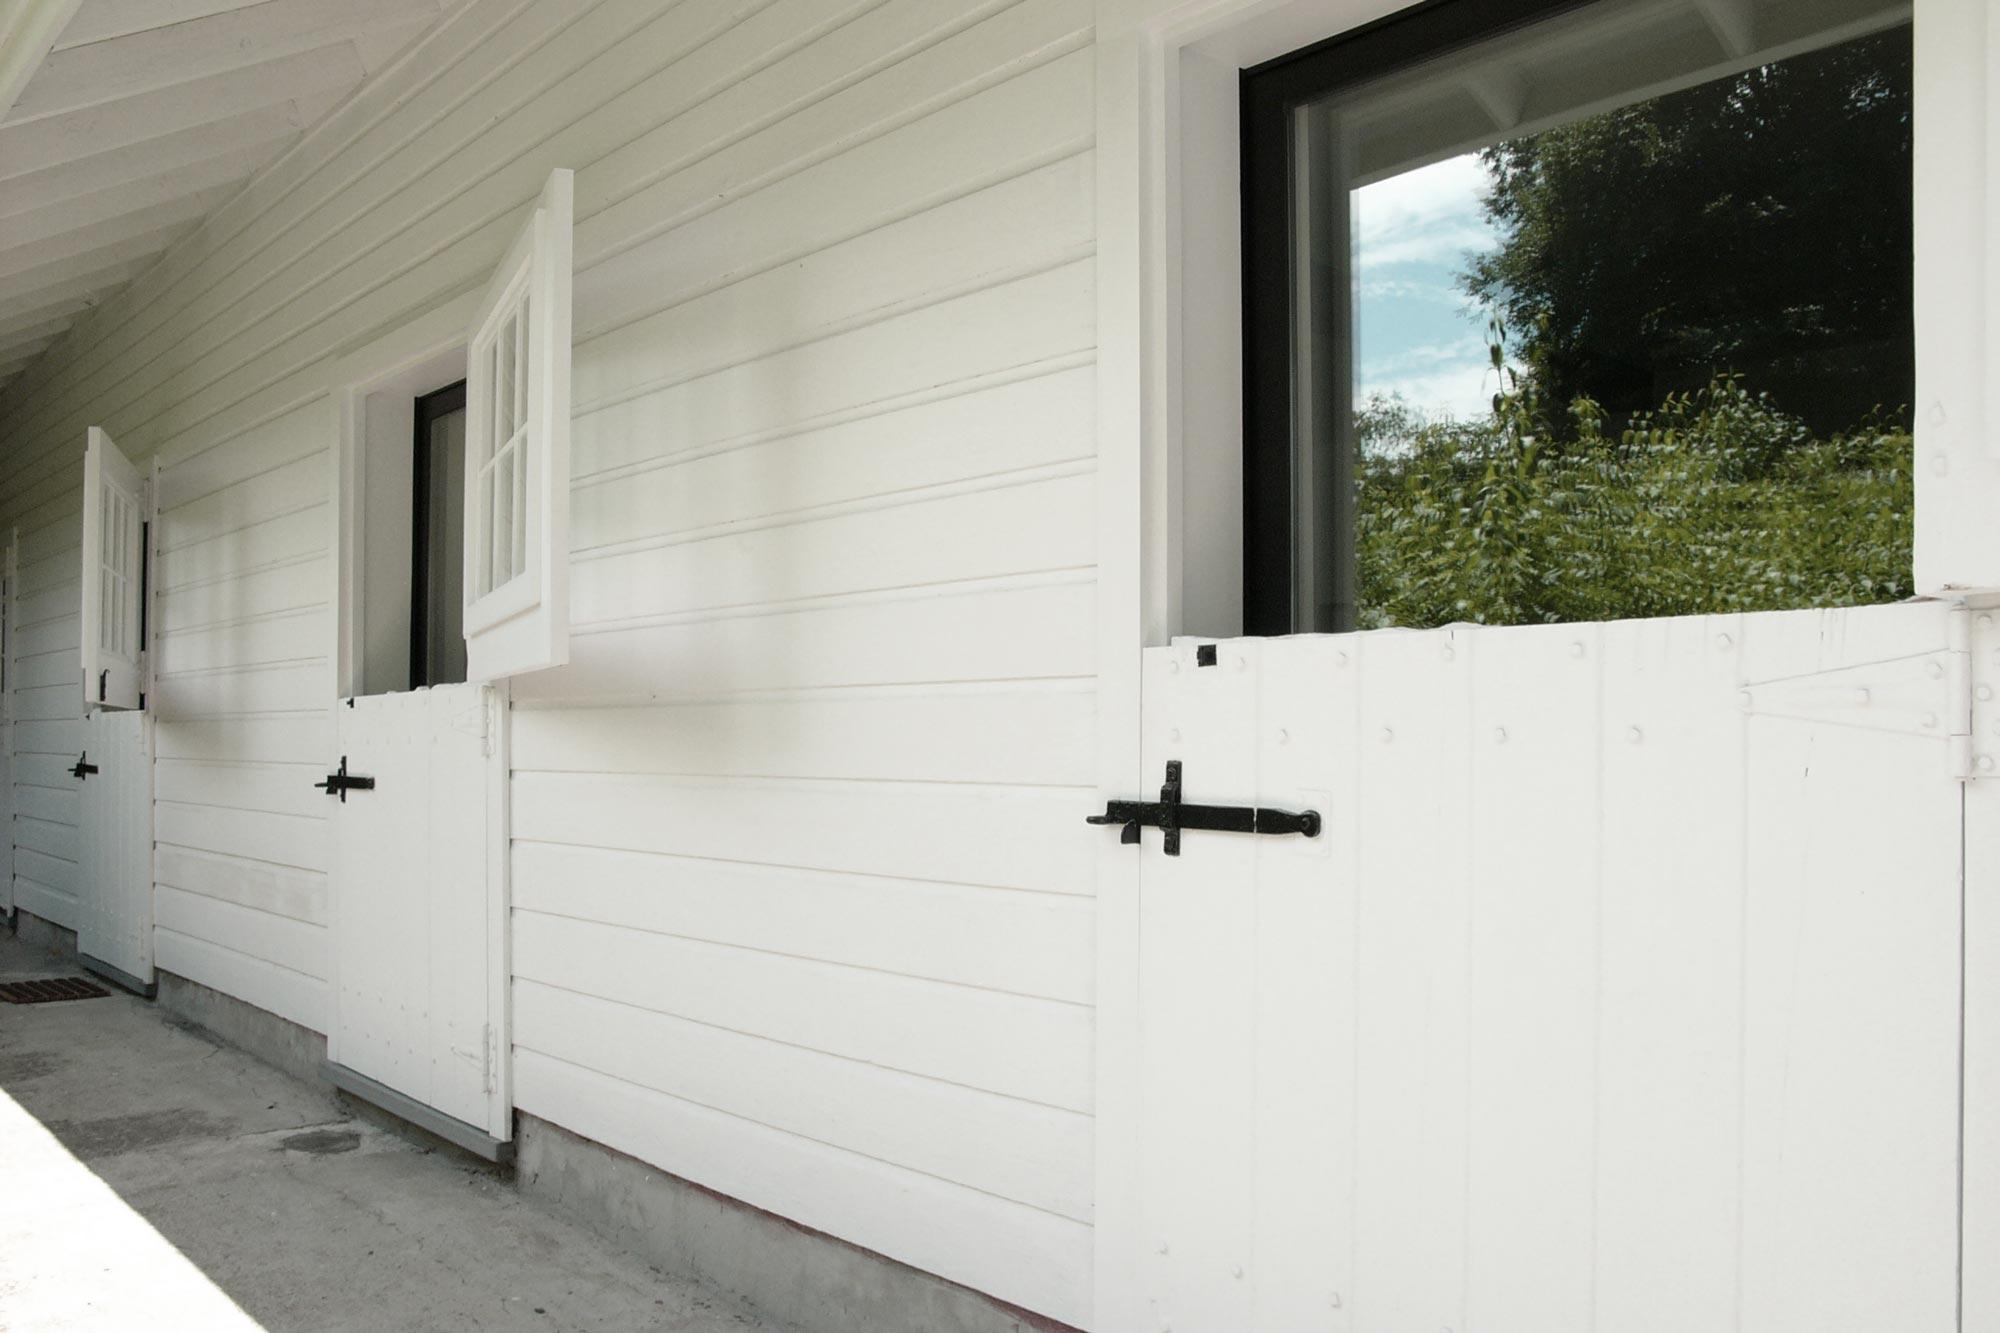 S-stable-door-with-glass.jpg